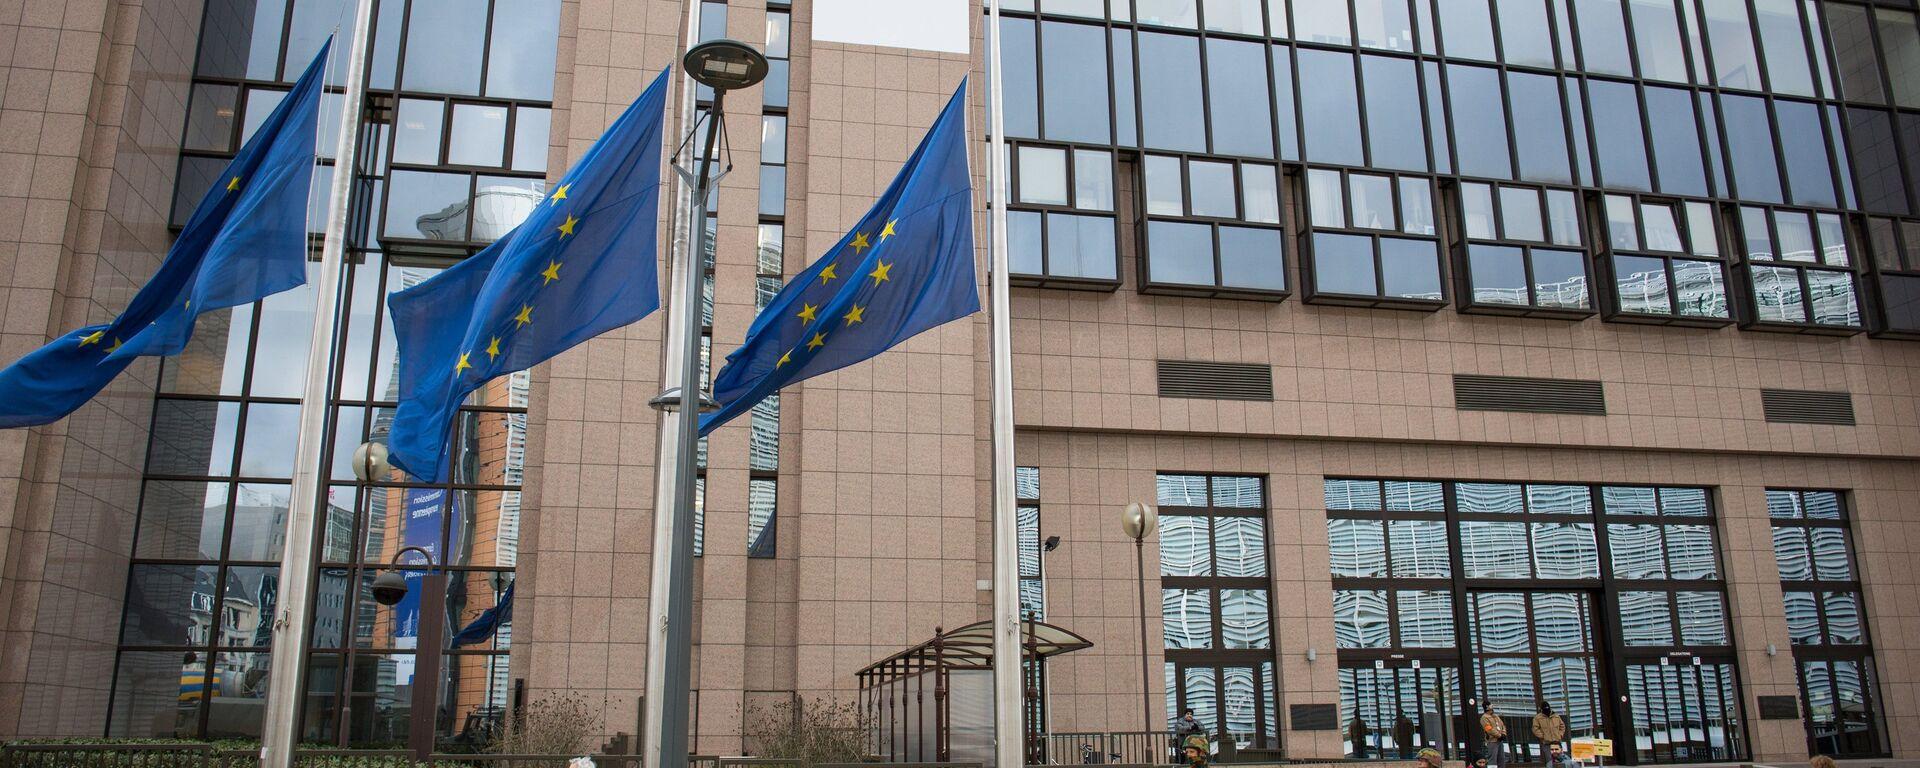 Parlement européen - Sputnik France, 1920, 16.09.2021